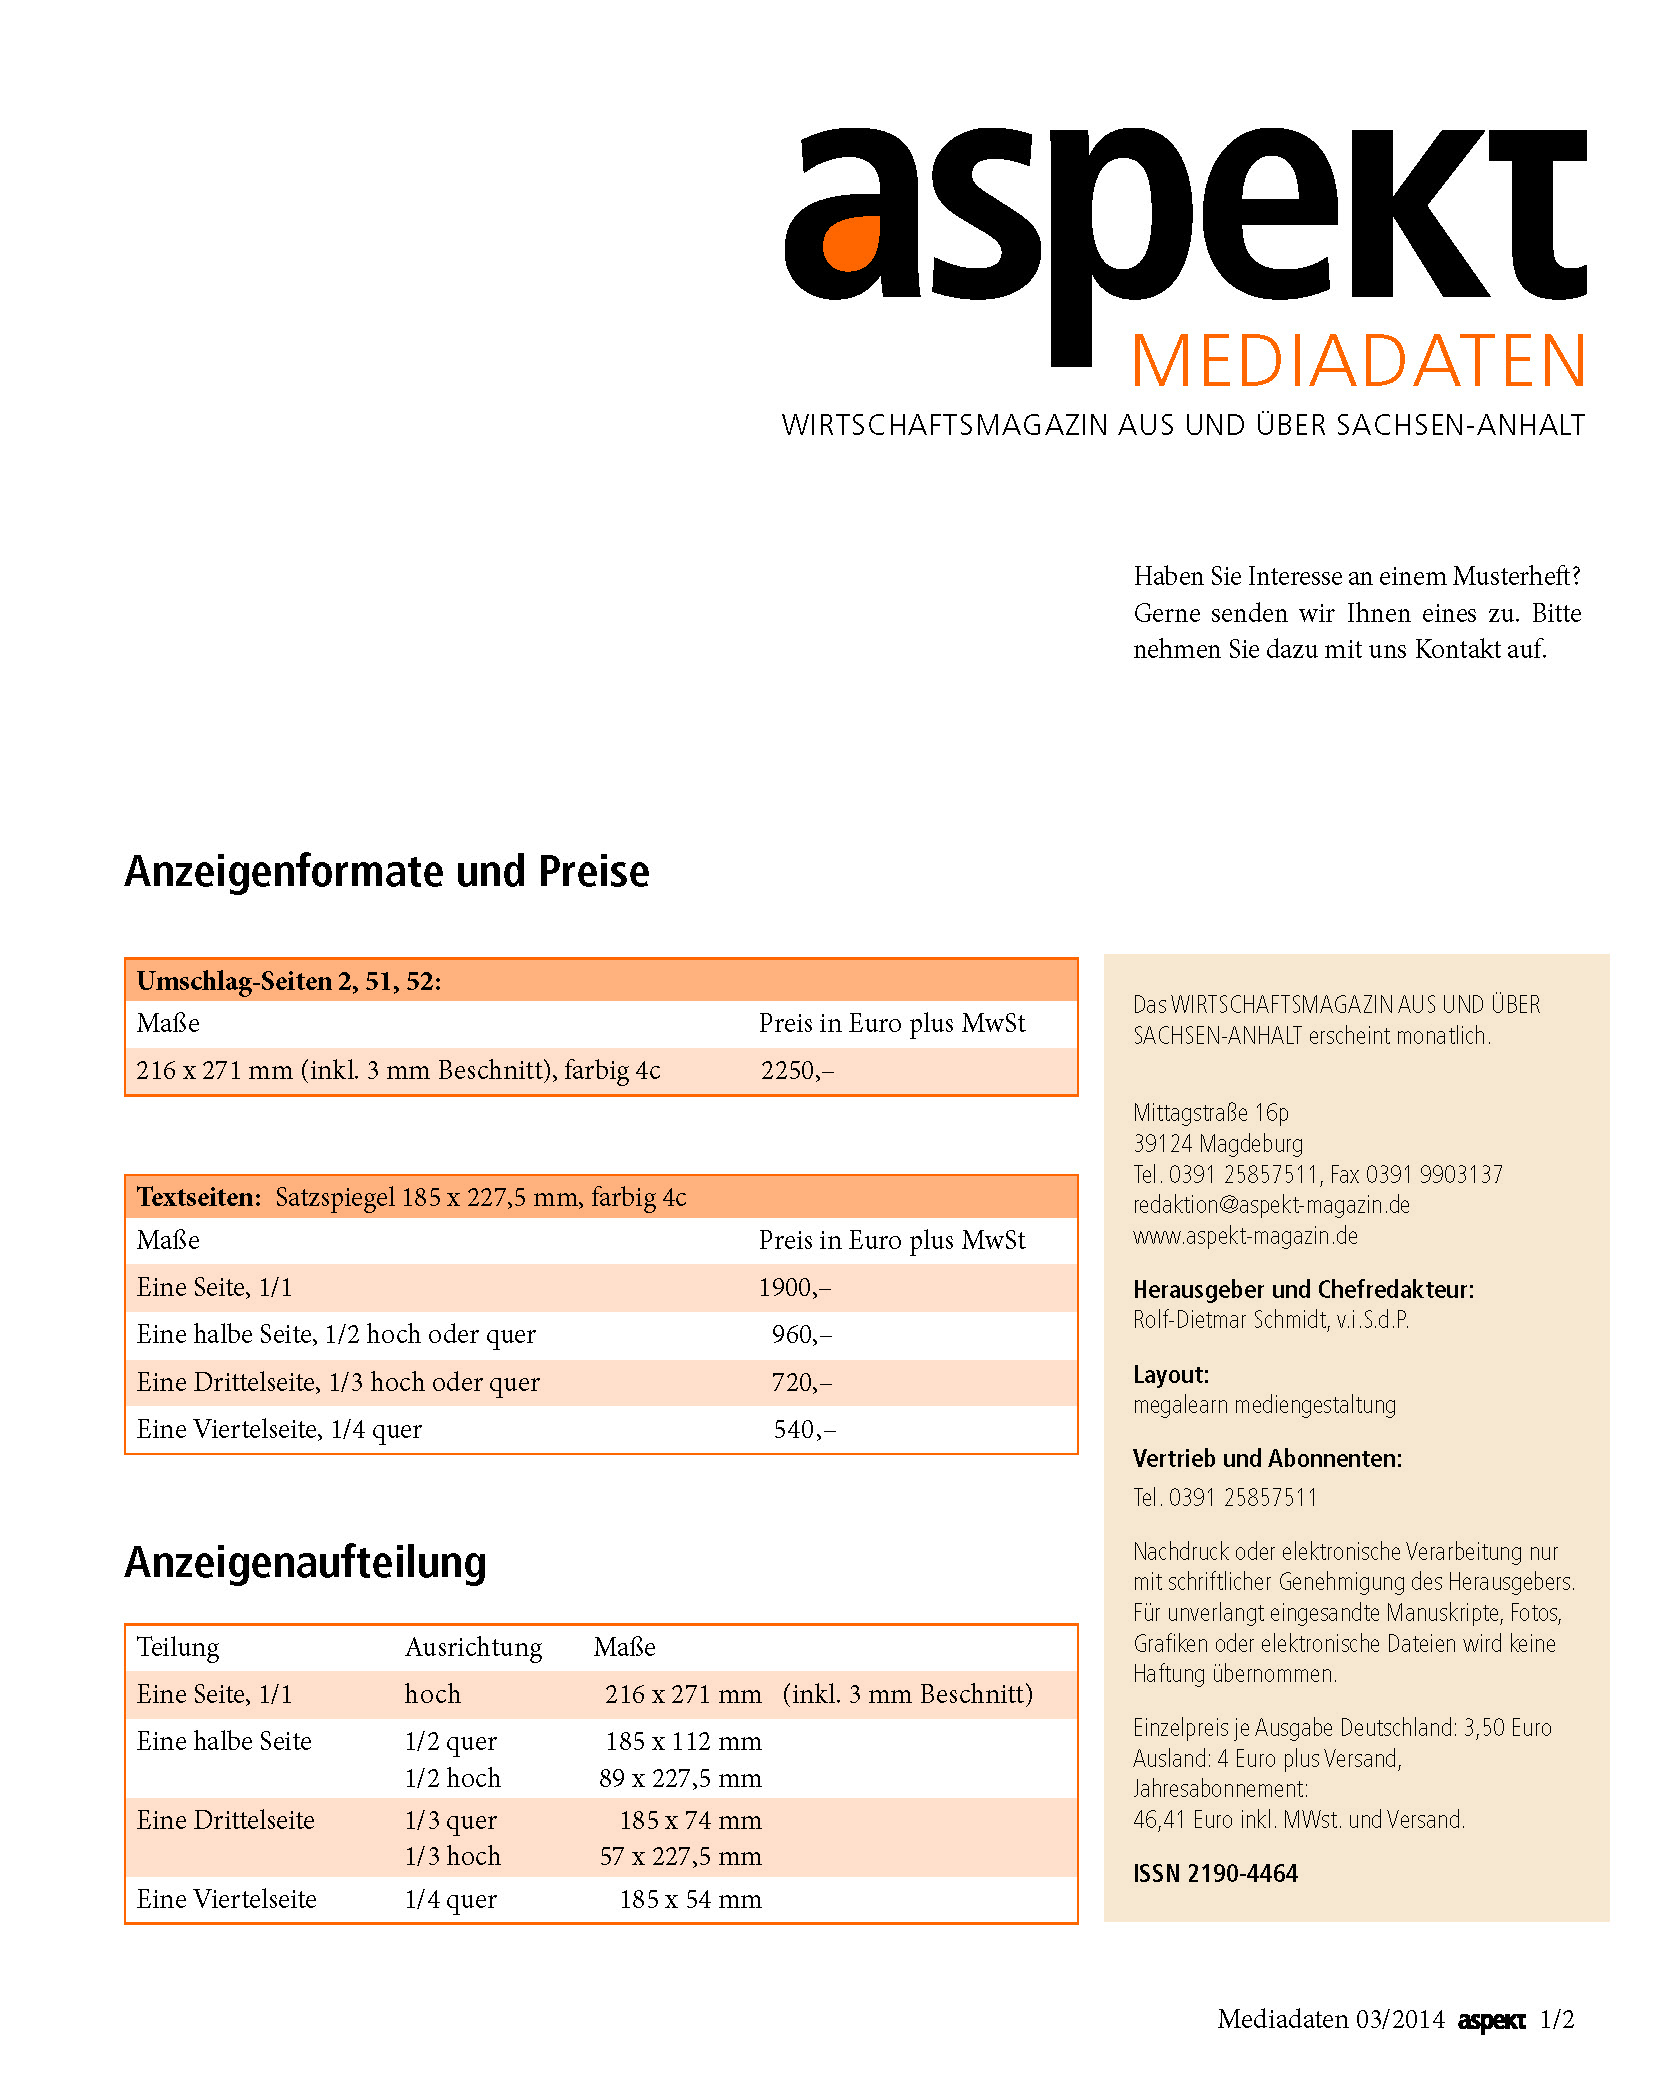 12043_aspekt_Mediadaten_01_Seite_1(1)